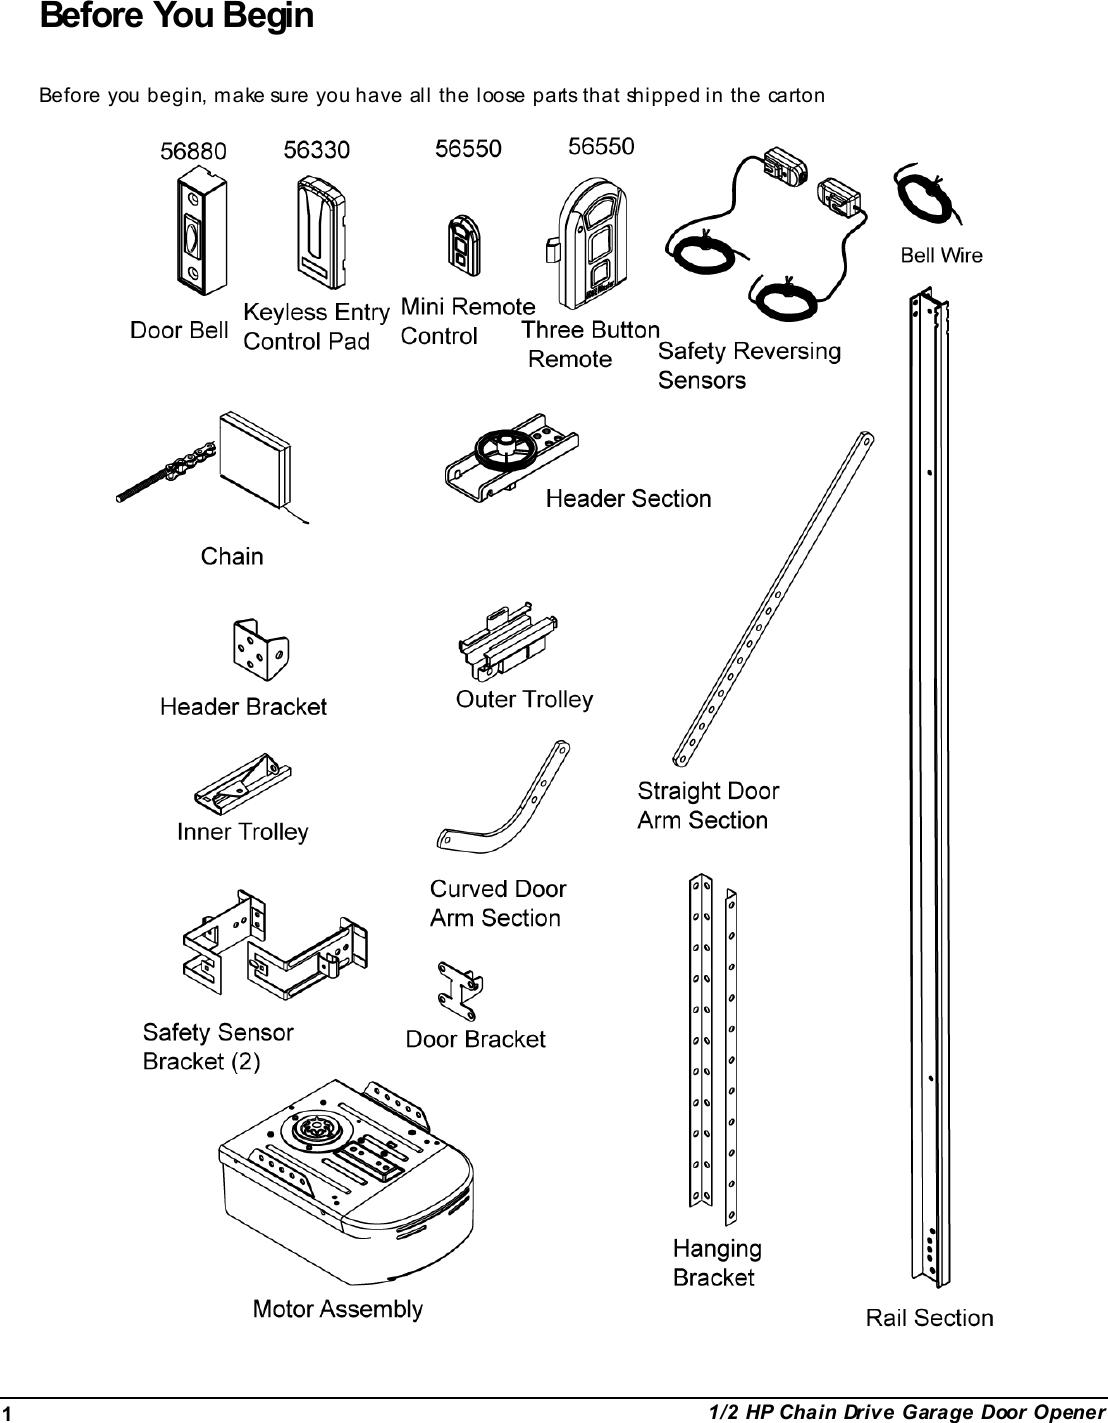 Rexon Gdr02m Garage Door Opener User Manual